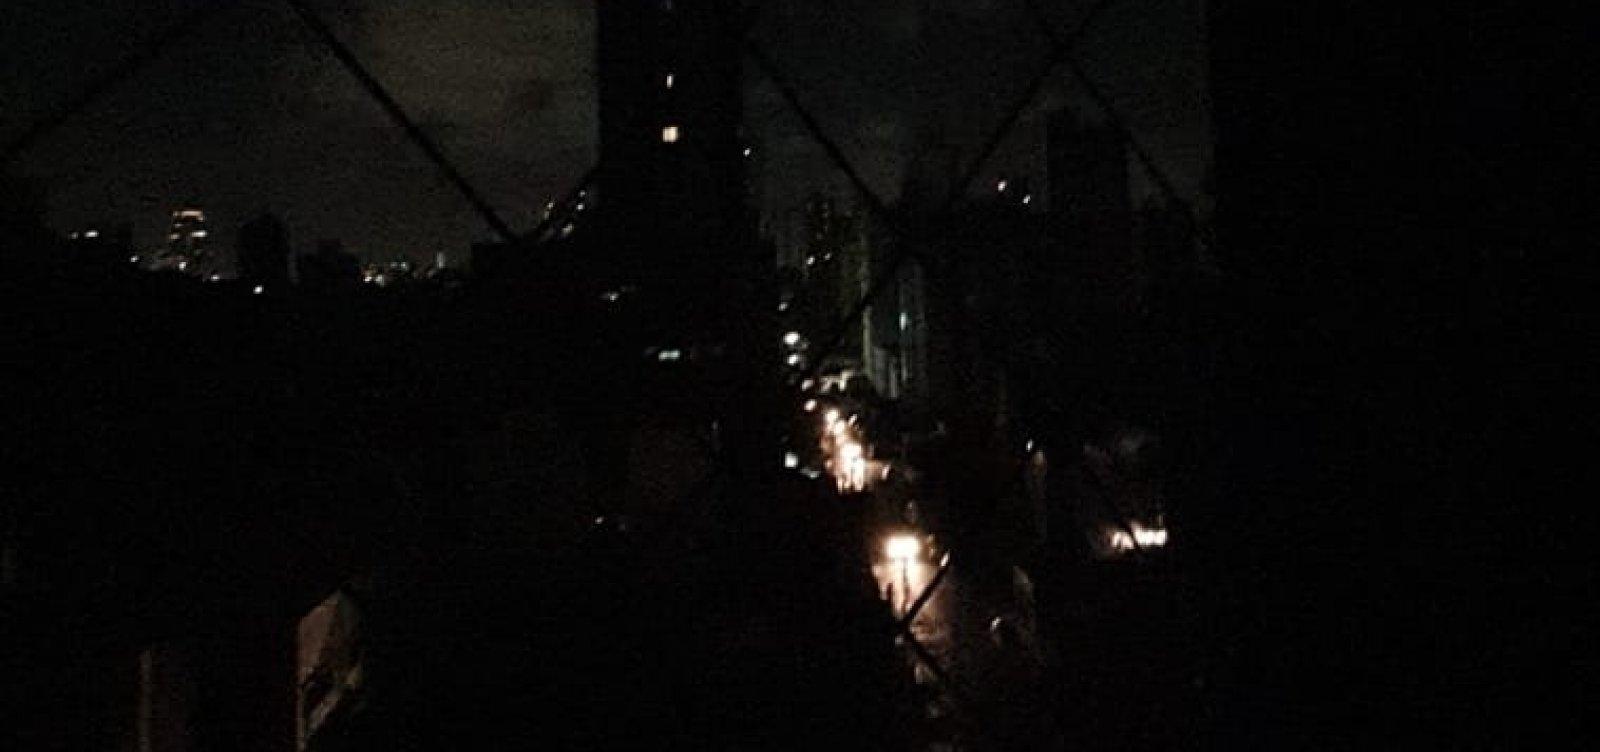 [Soteropolitanos relatam clarão e falta de luz em diversos bairros de Salvador]